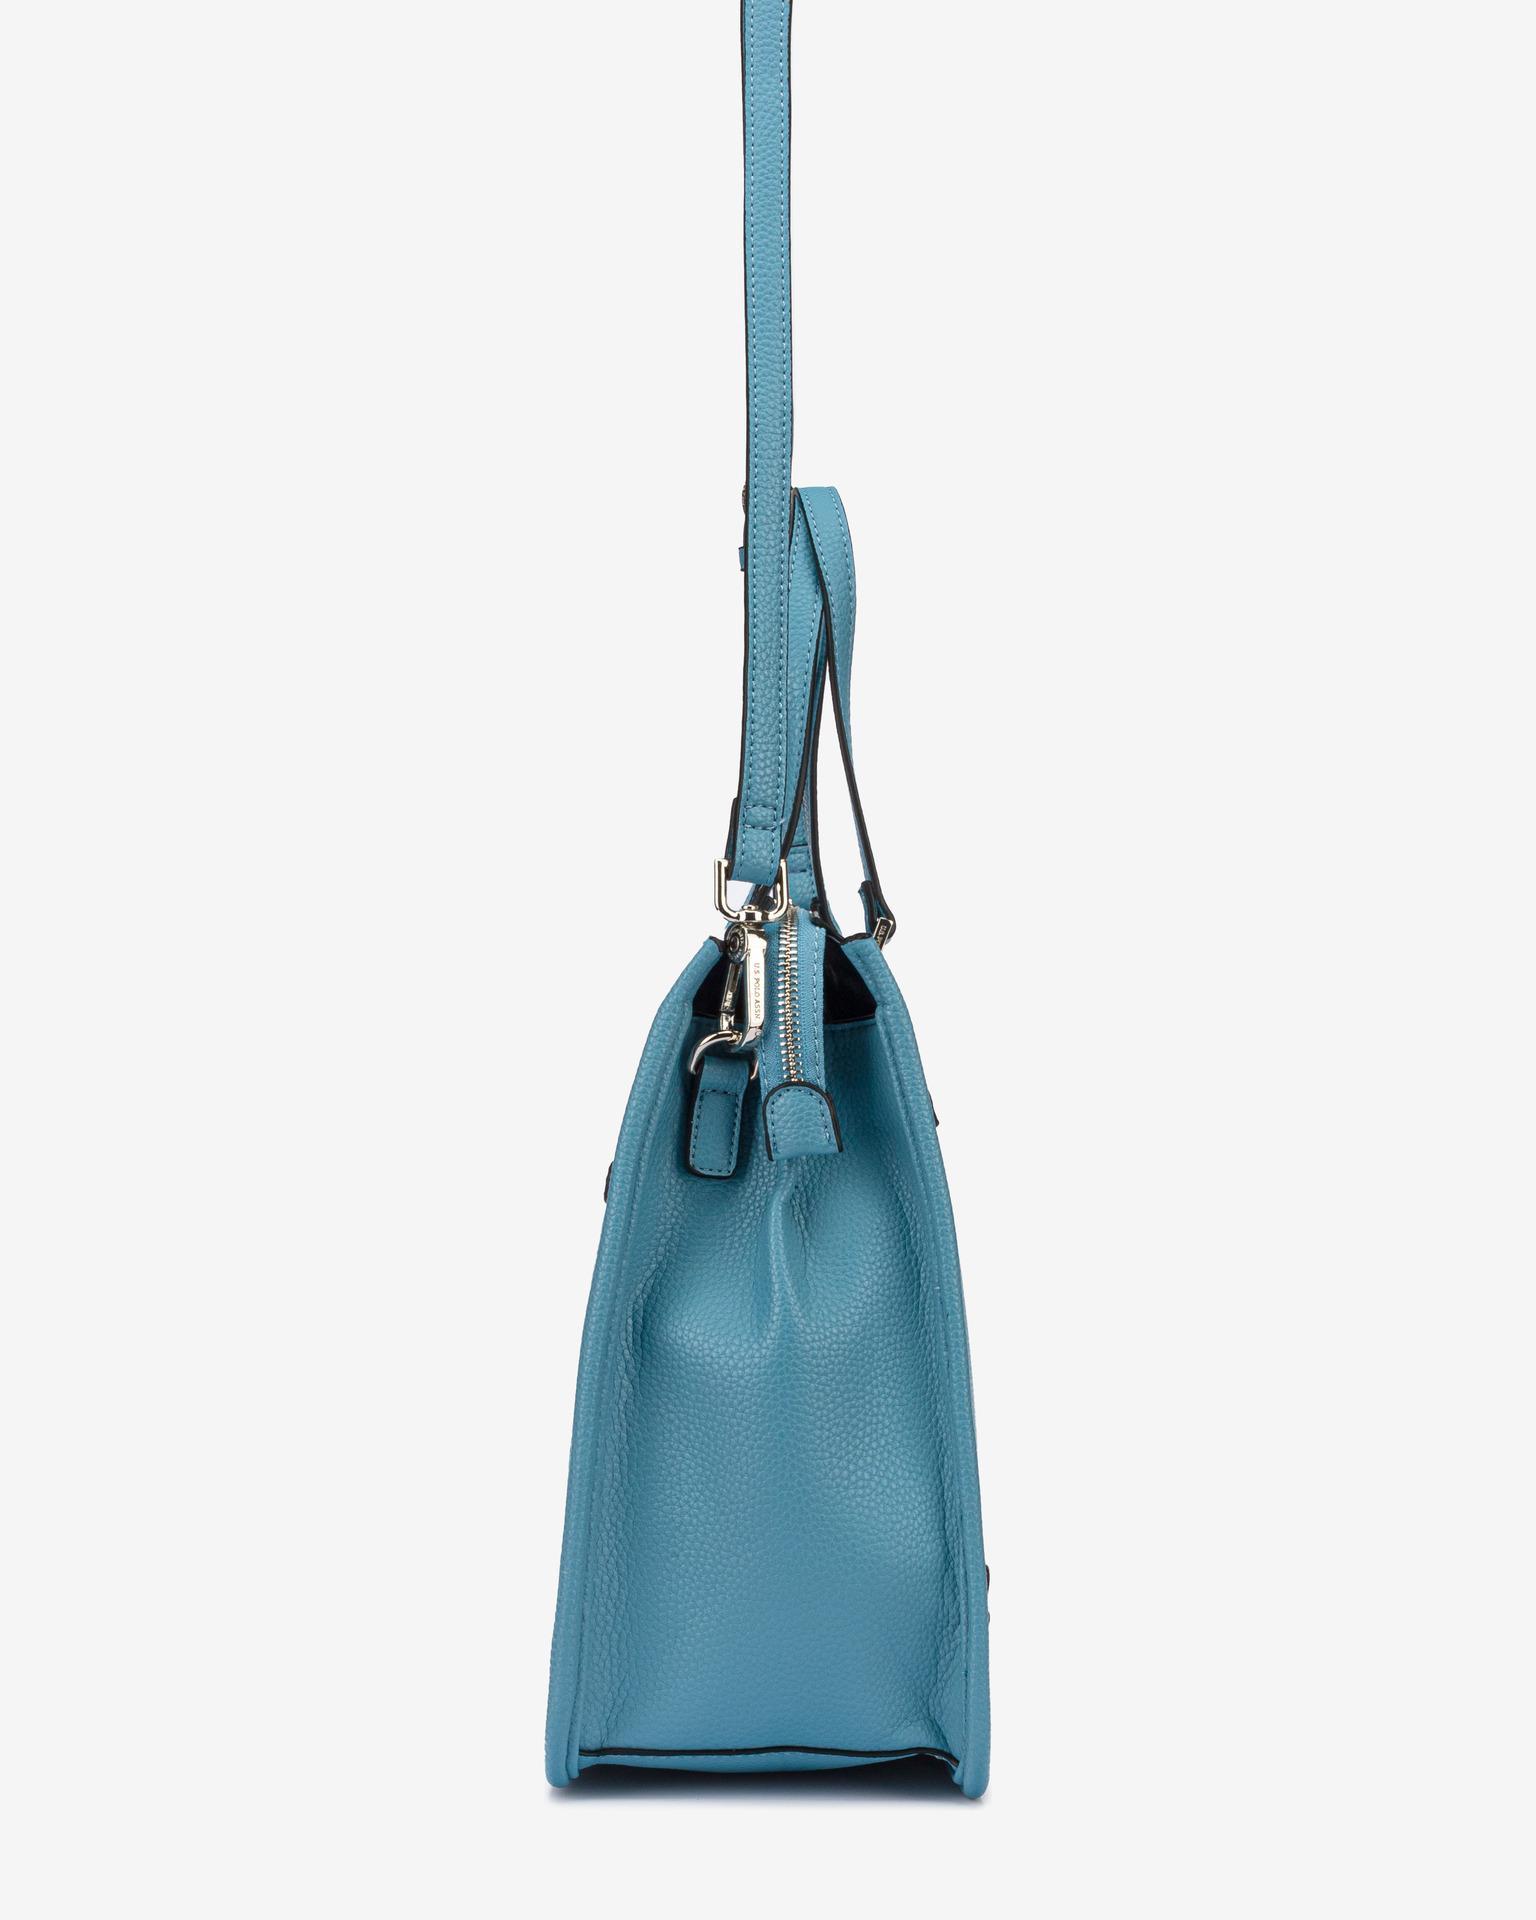 U.S. Polo Assn. Borsetta donna blu  Hailey